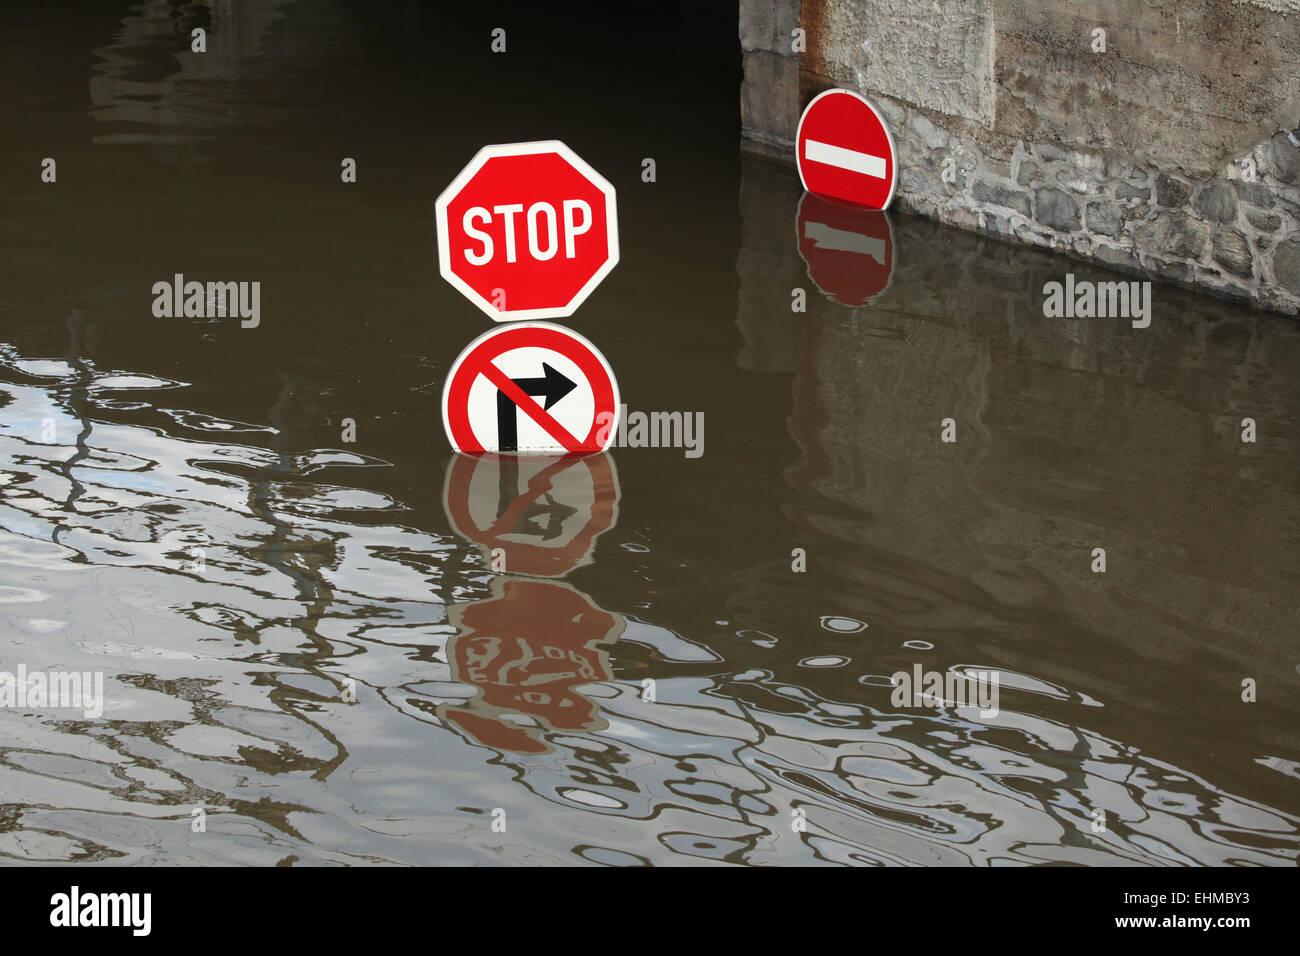 Verkehrszeichen, die von der Elbe in Usti Nad Labem, Nord-Böhmen, Tschechische Republik, am 5. Juni 2013 überflutet. Stockbild